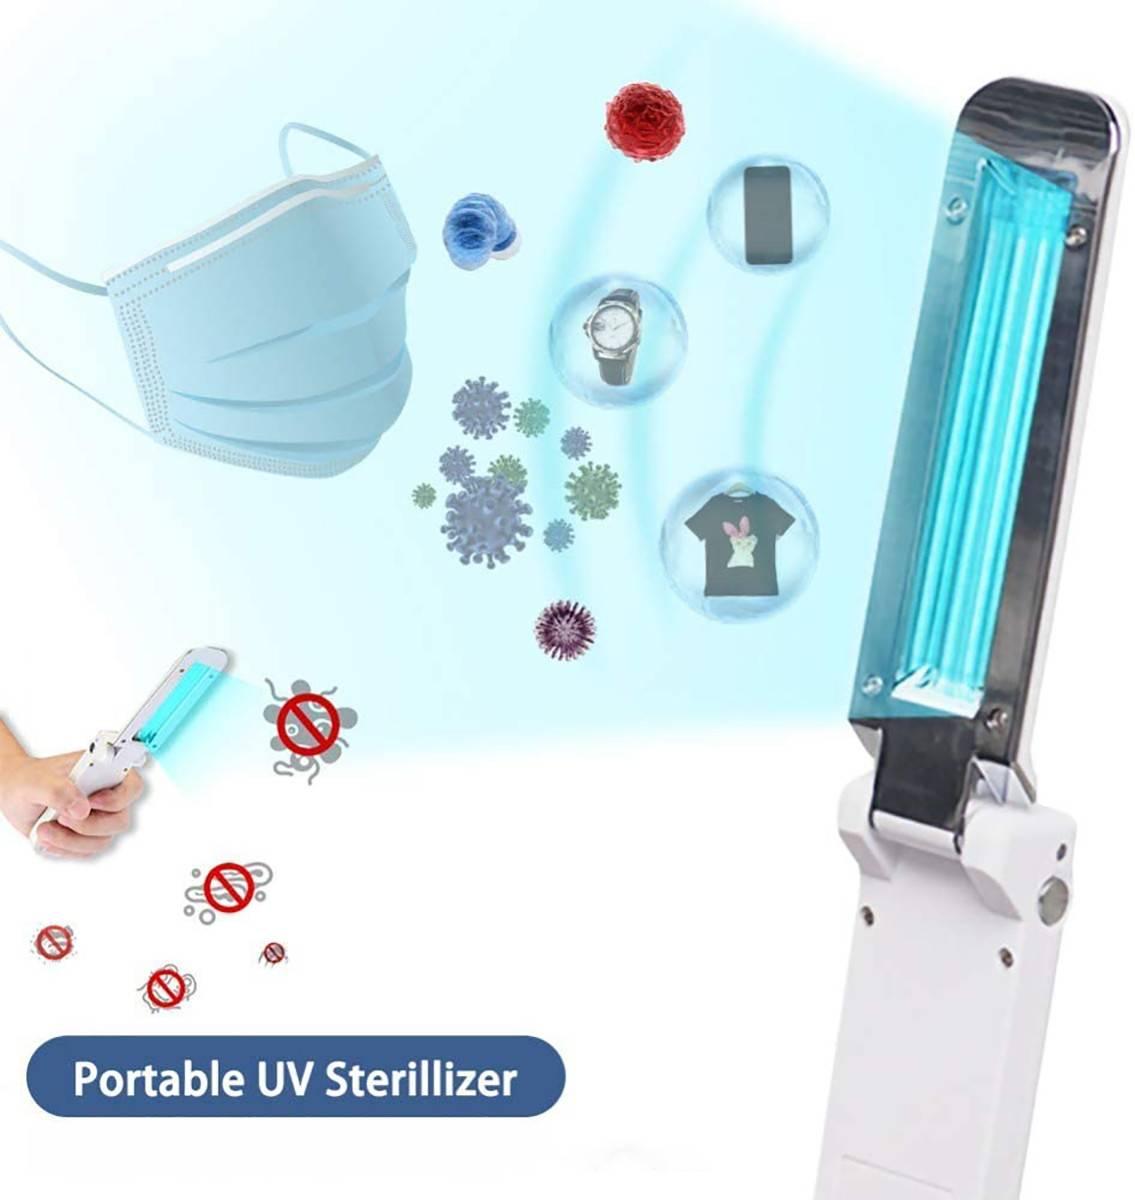 Ультрафиолетовые лампы для дезинфекции помещений с алиэкспресс